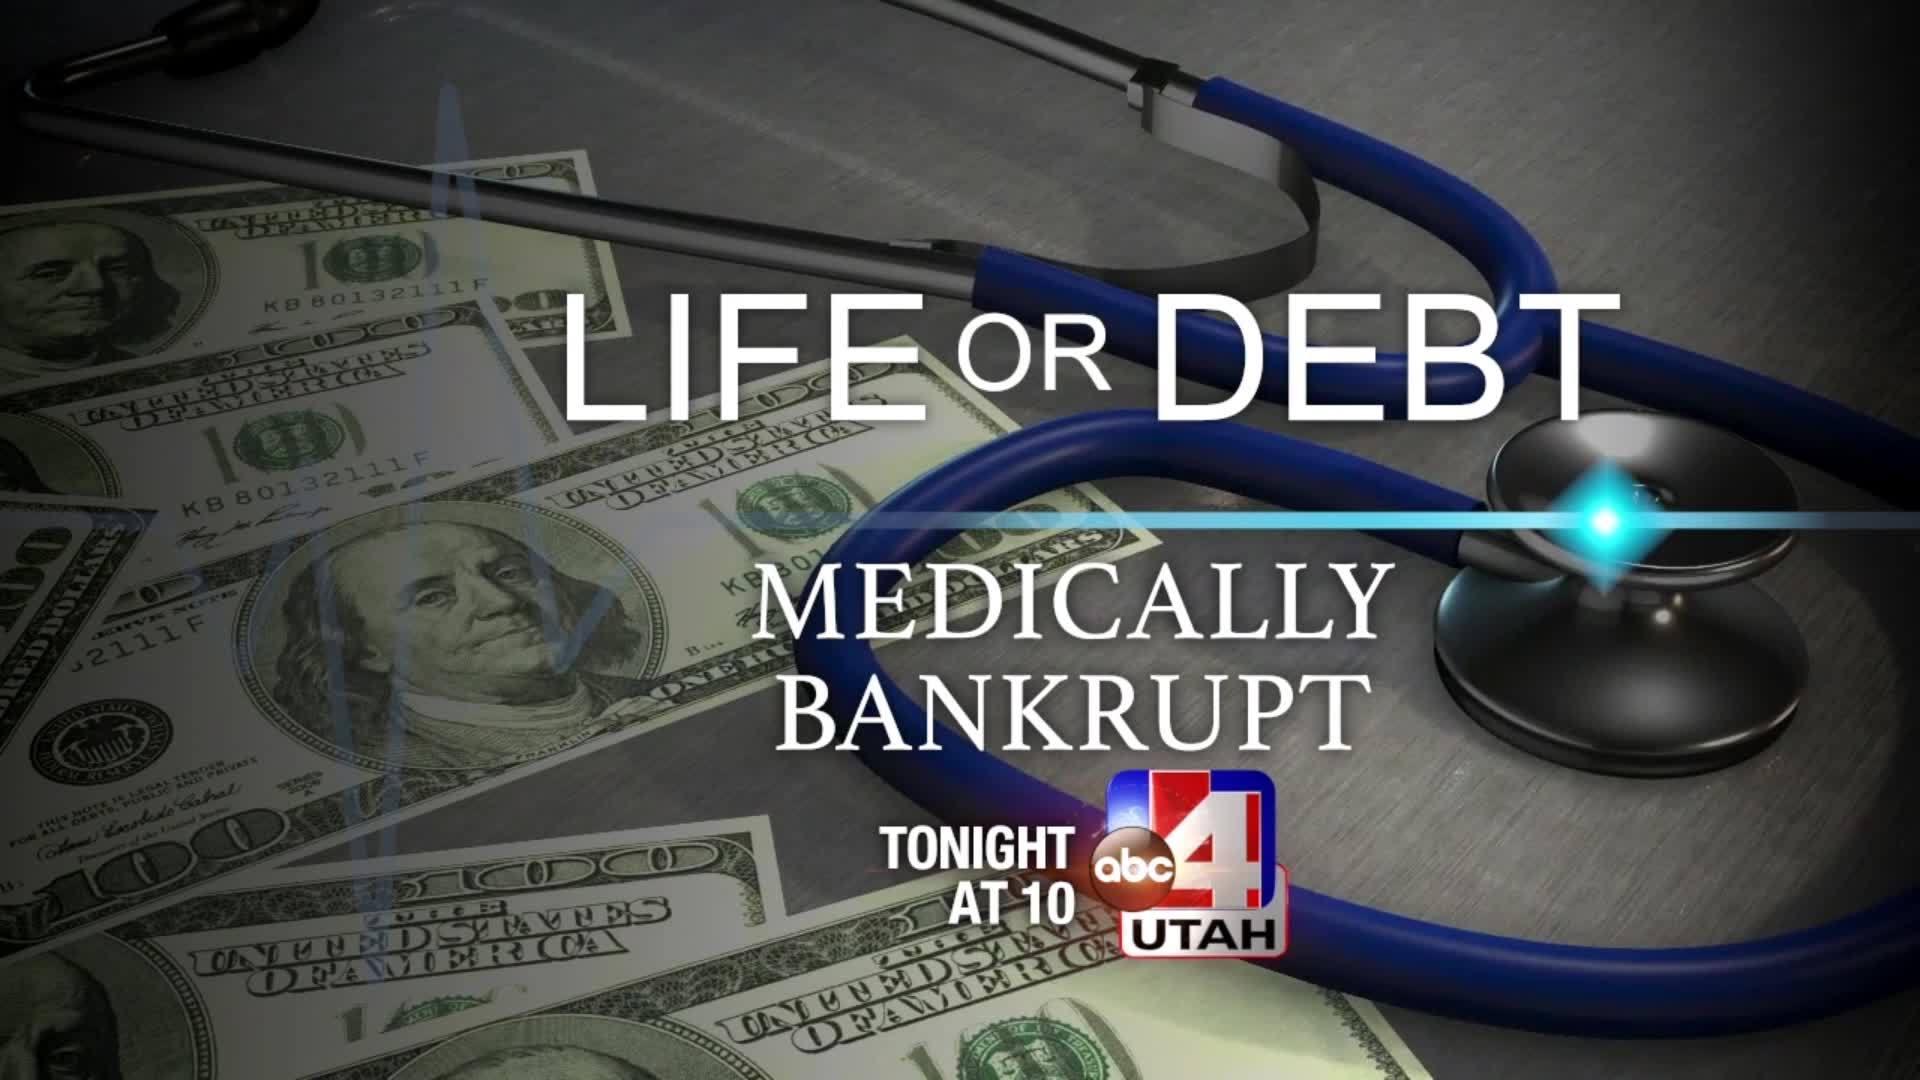 Life or Debt: Medically Bankrupt